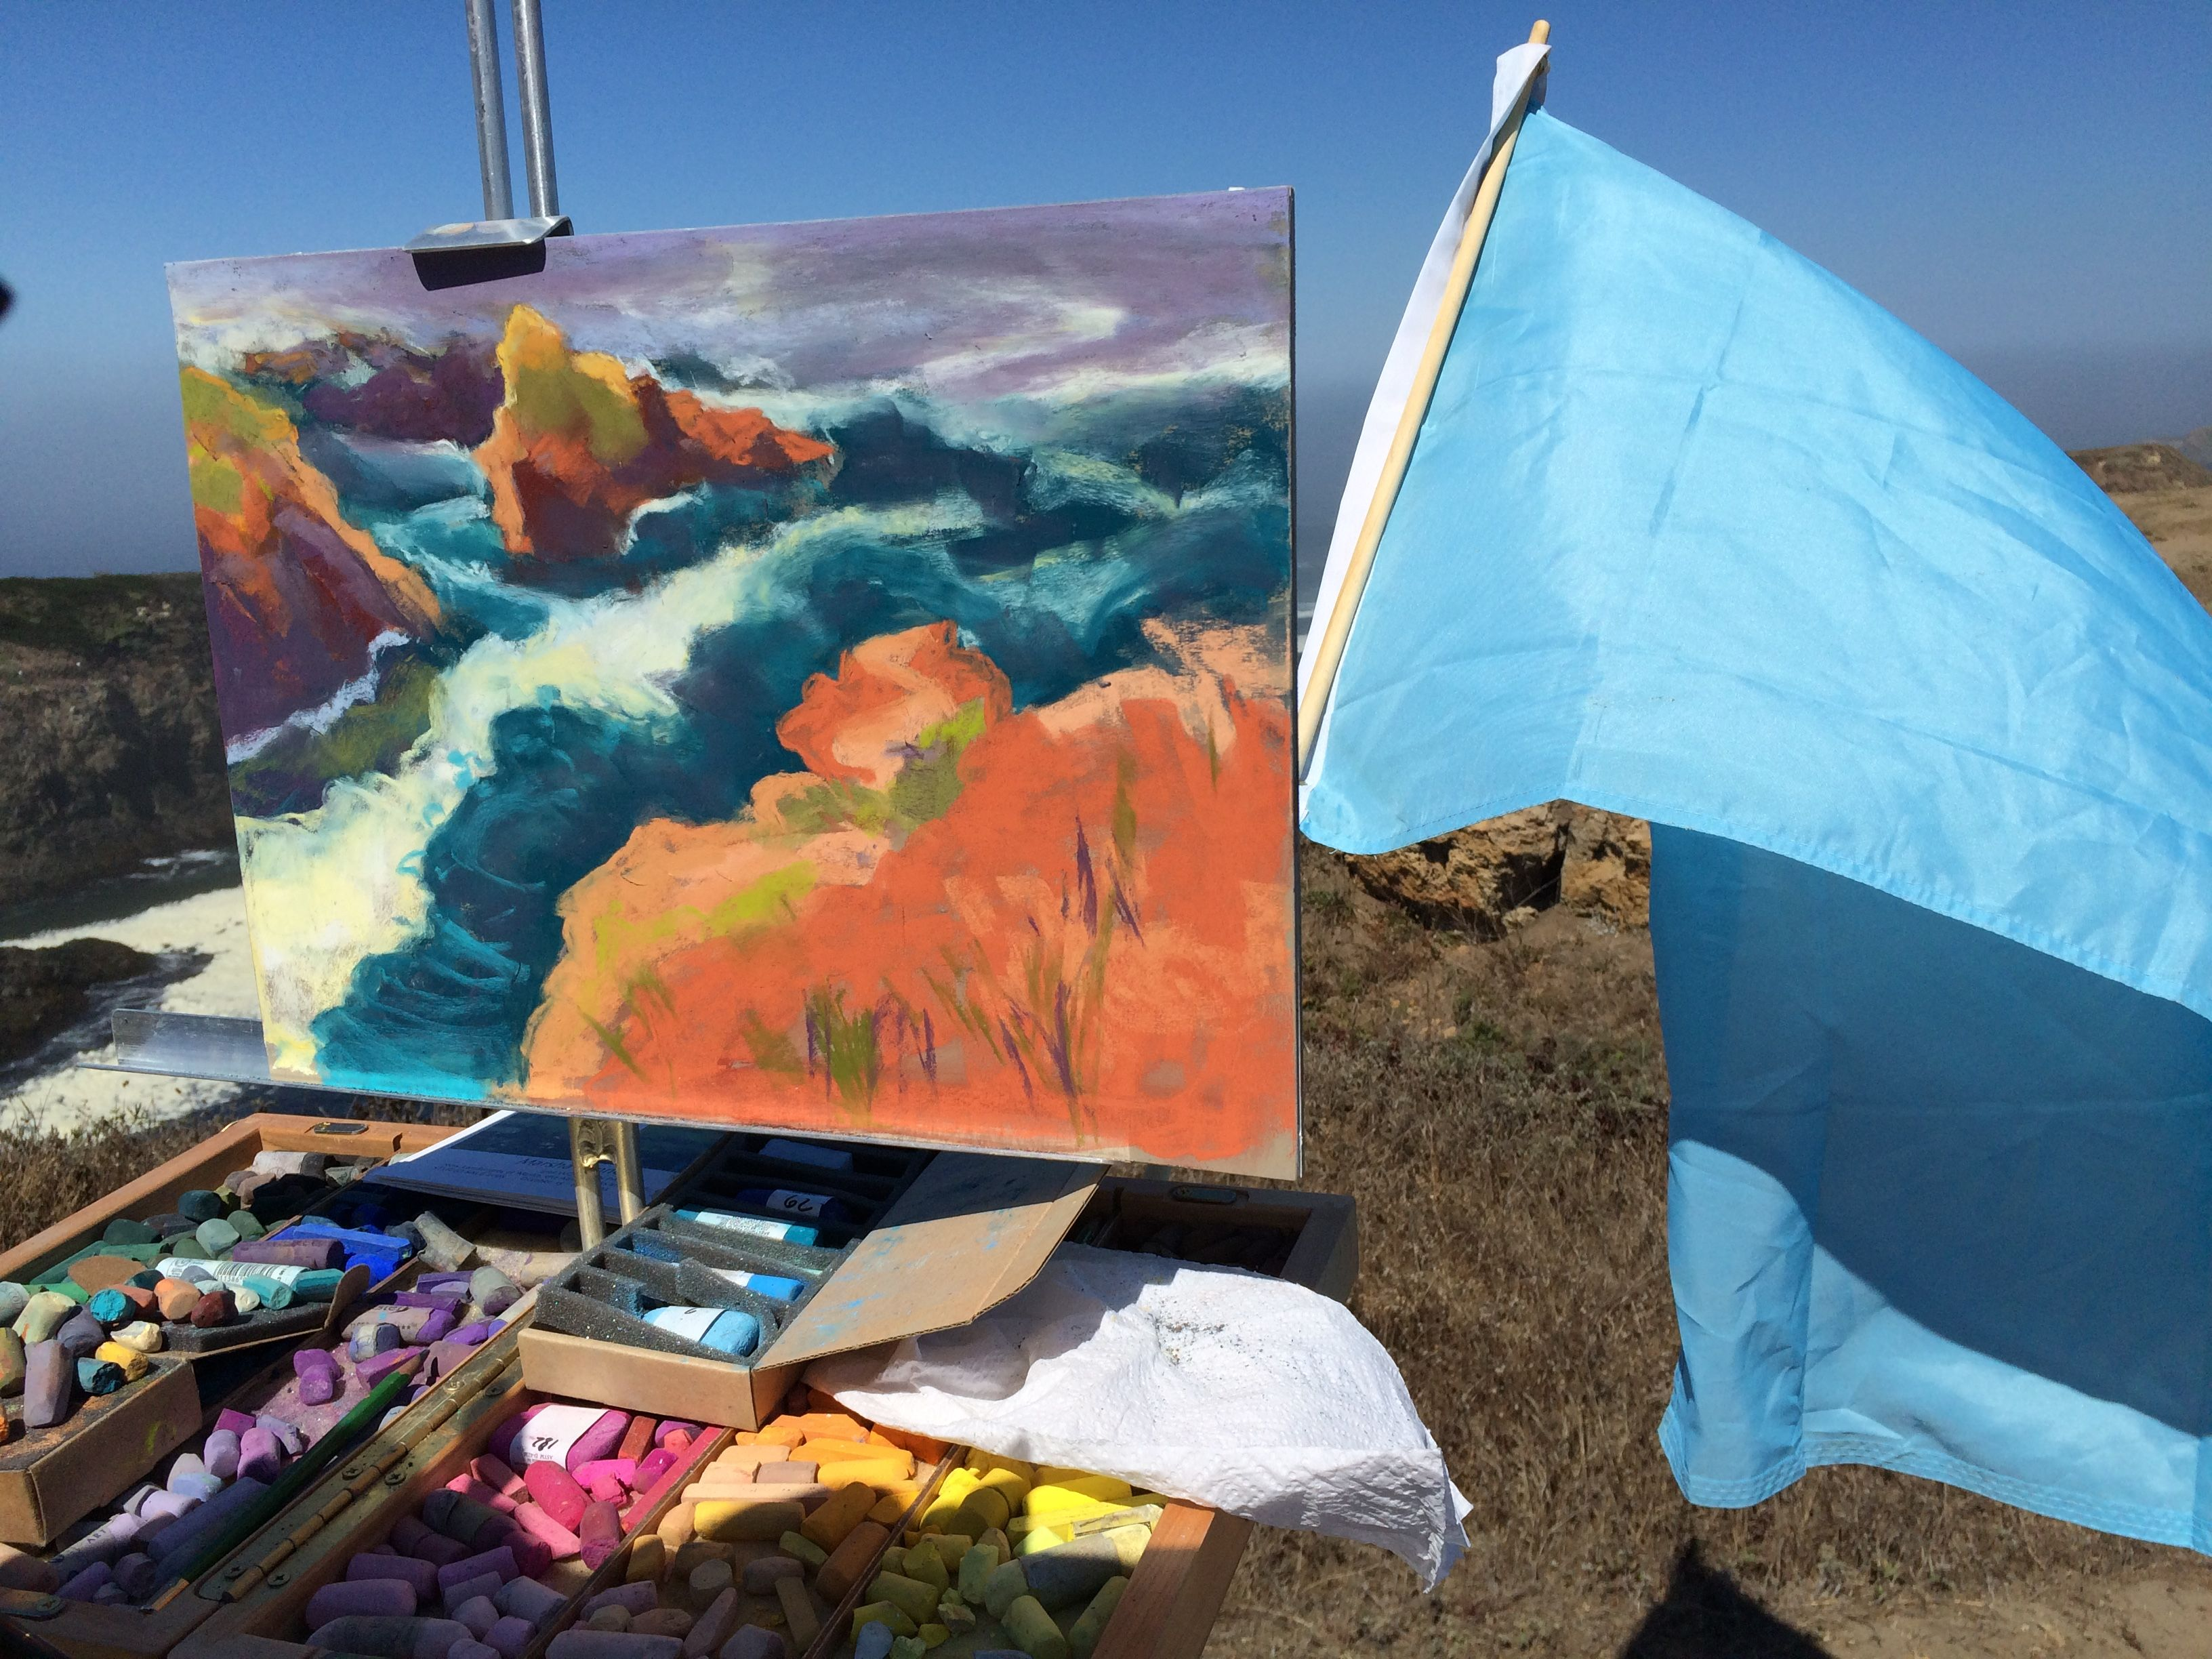 Pastel painting in progress Mendocino Headlands West